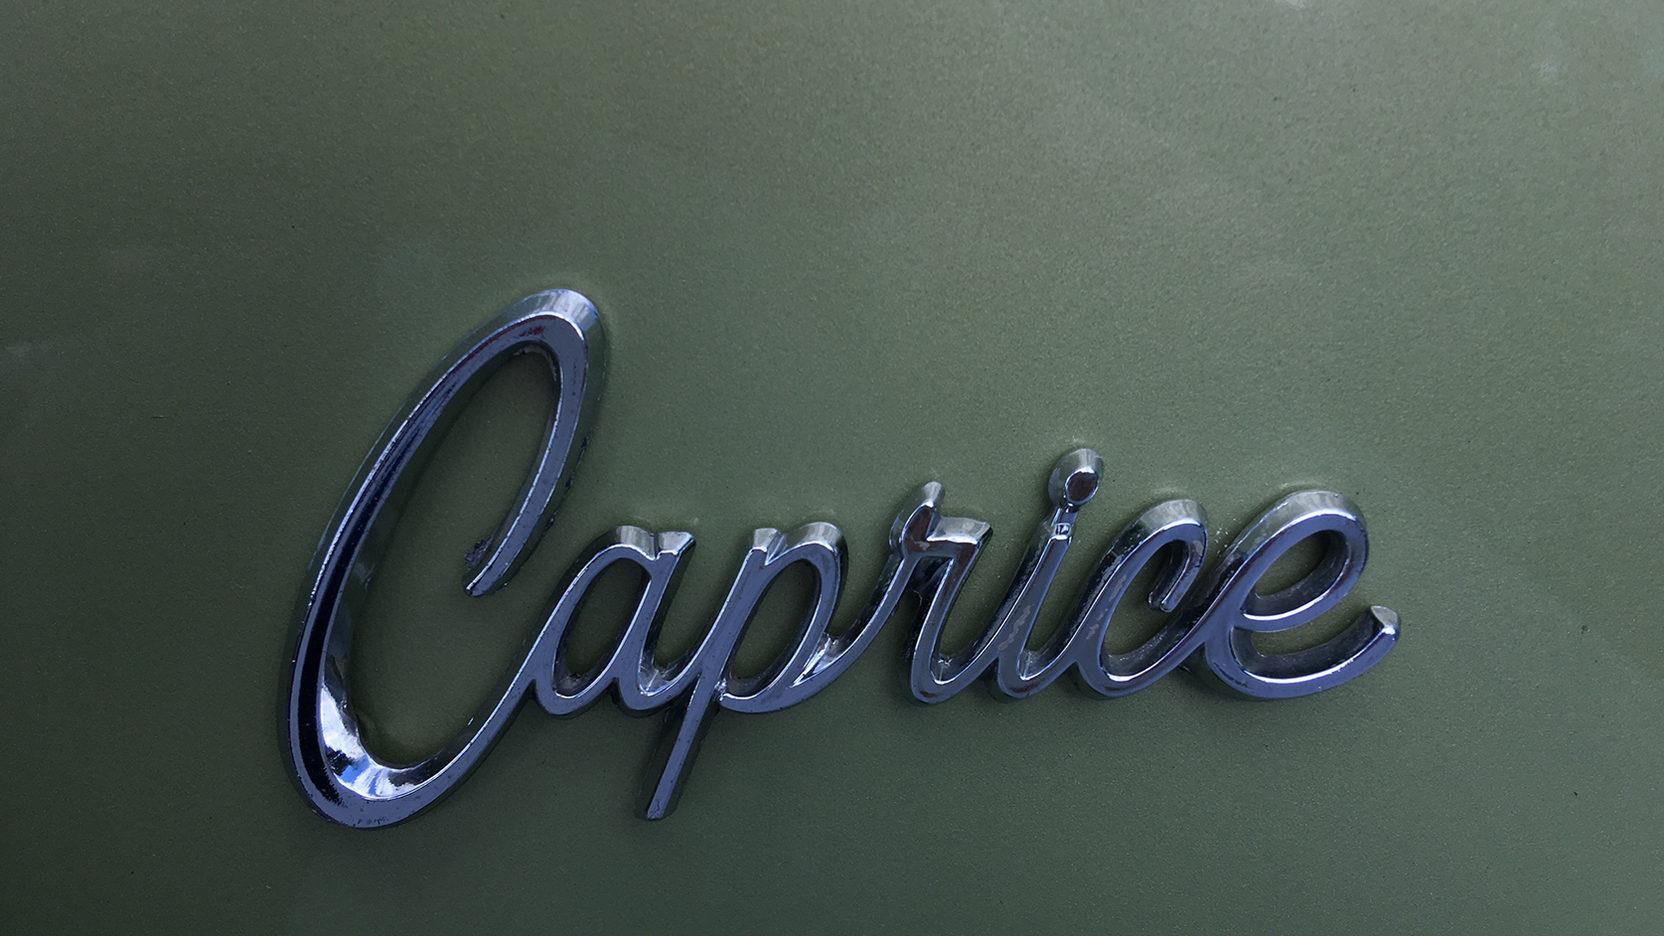 1968 Chevrolet Caprice badge